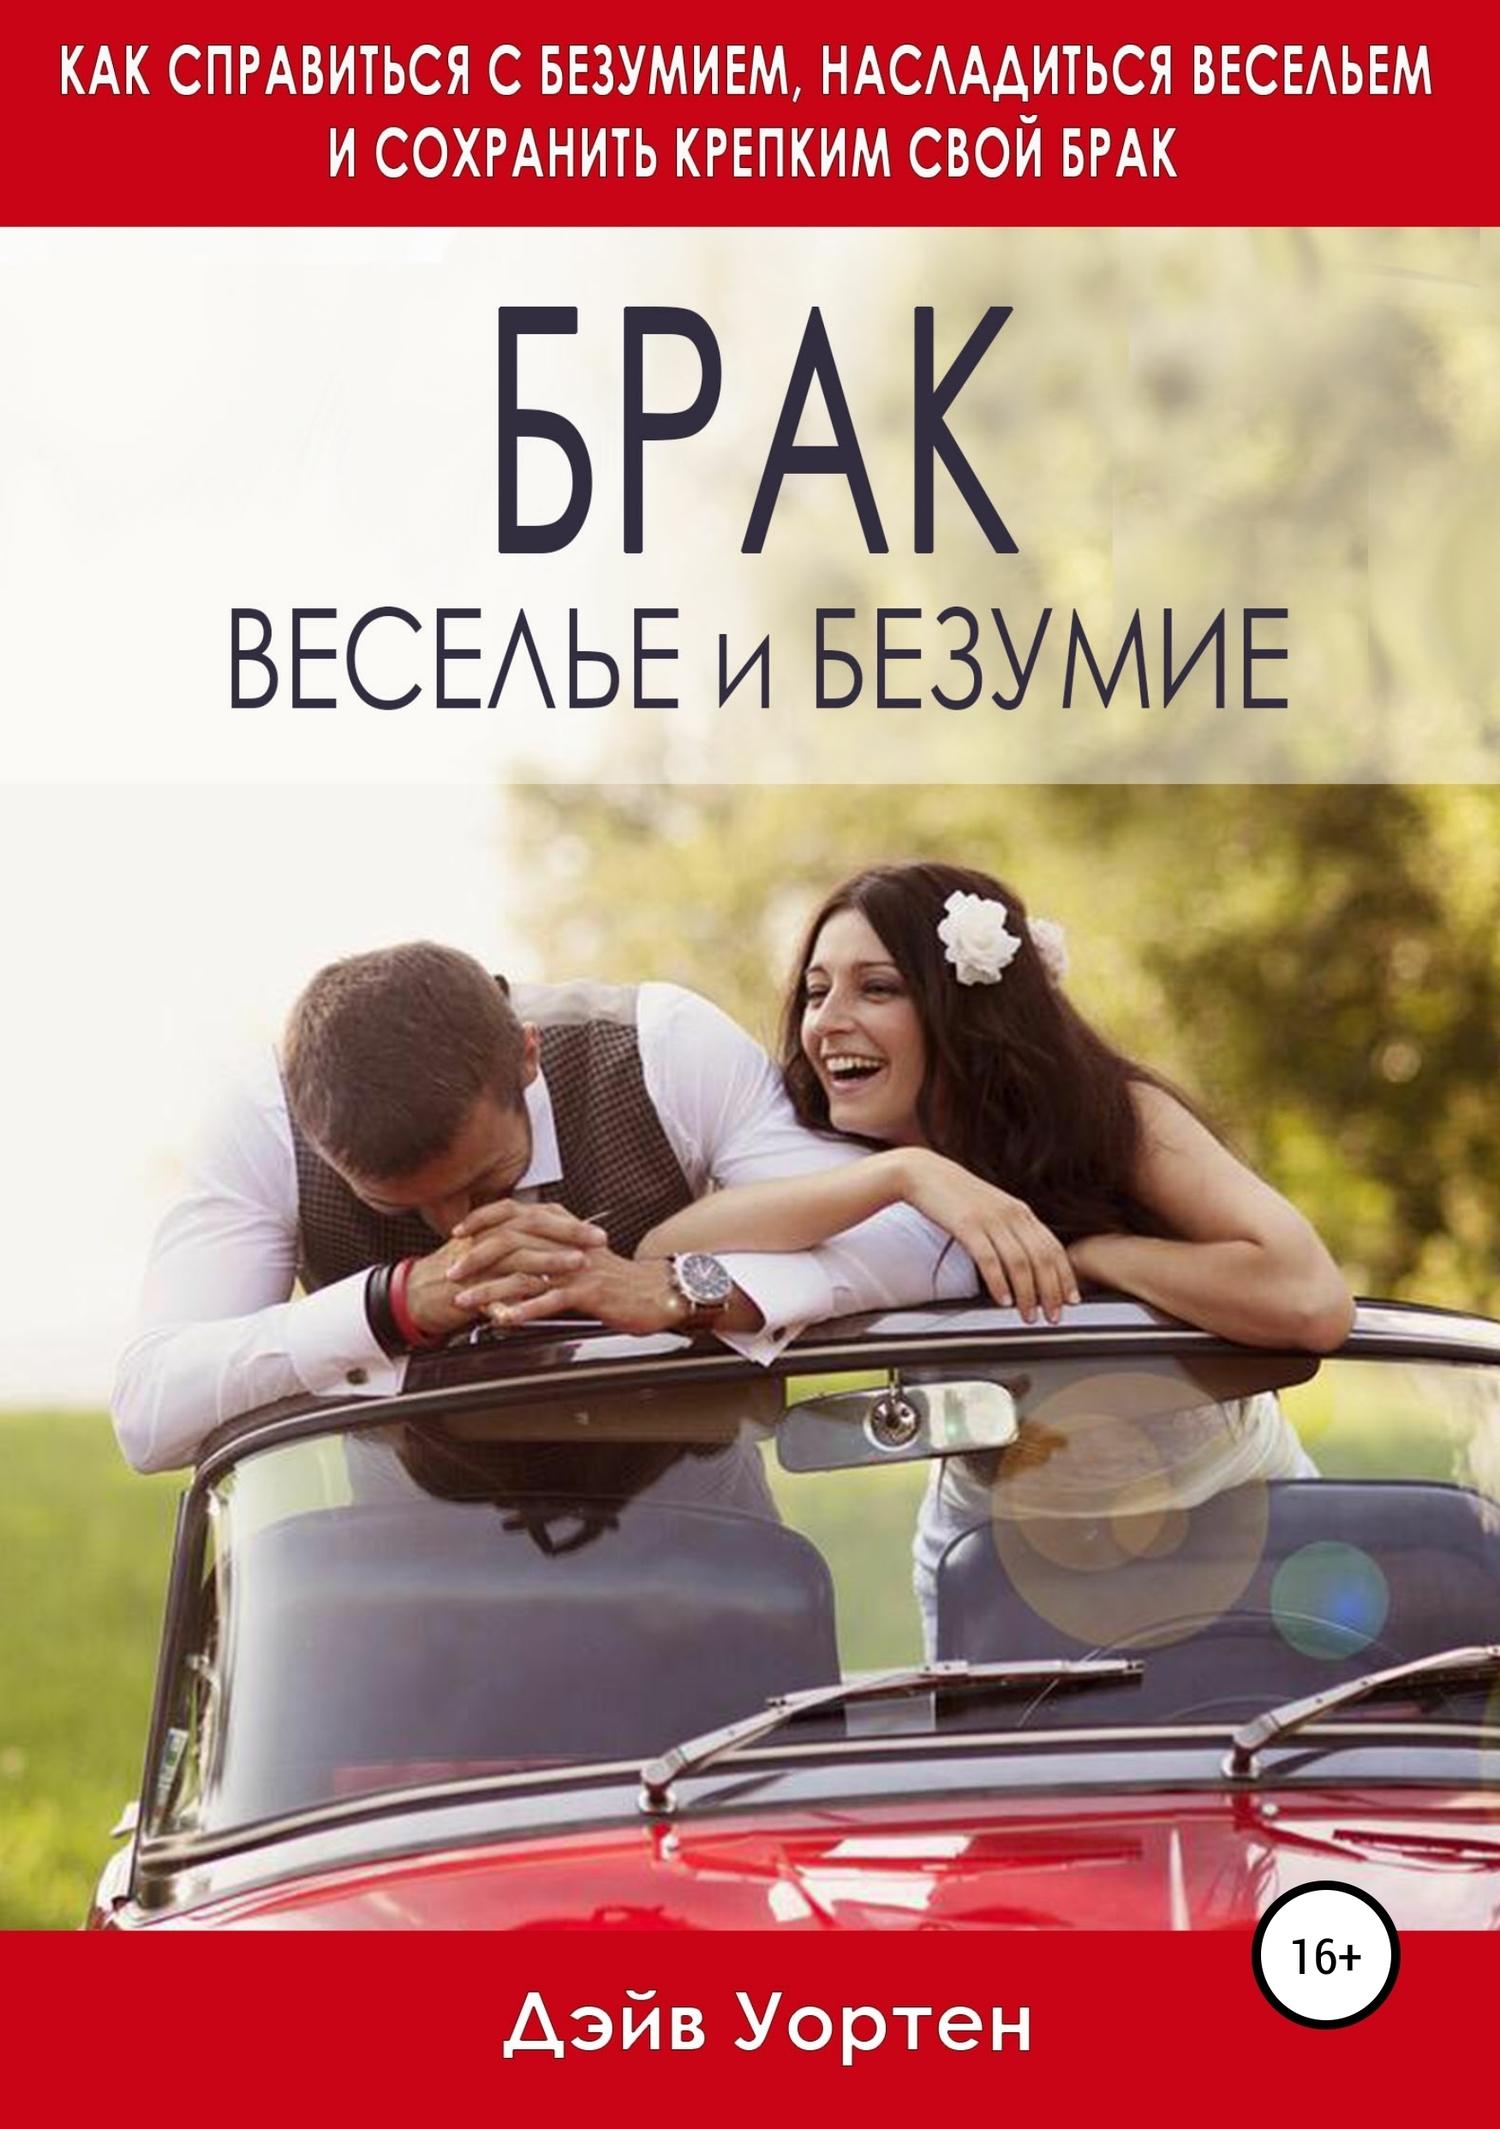 Брак, веселье и безумие